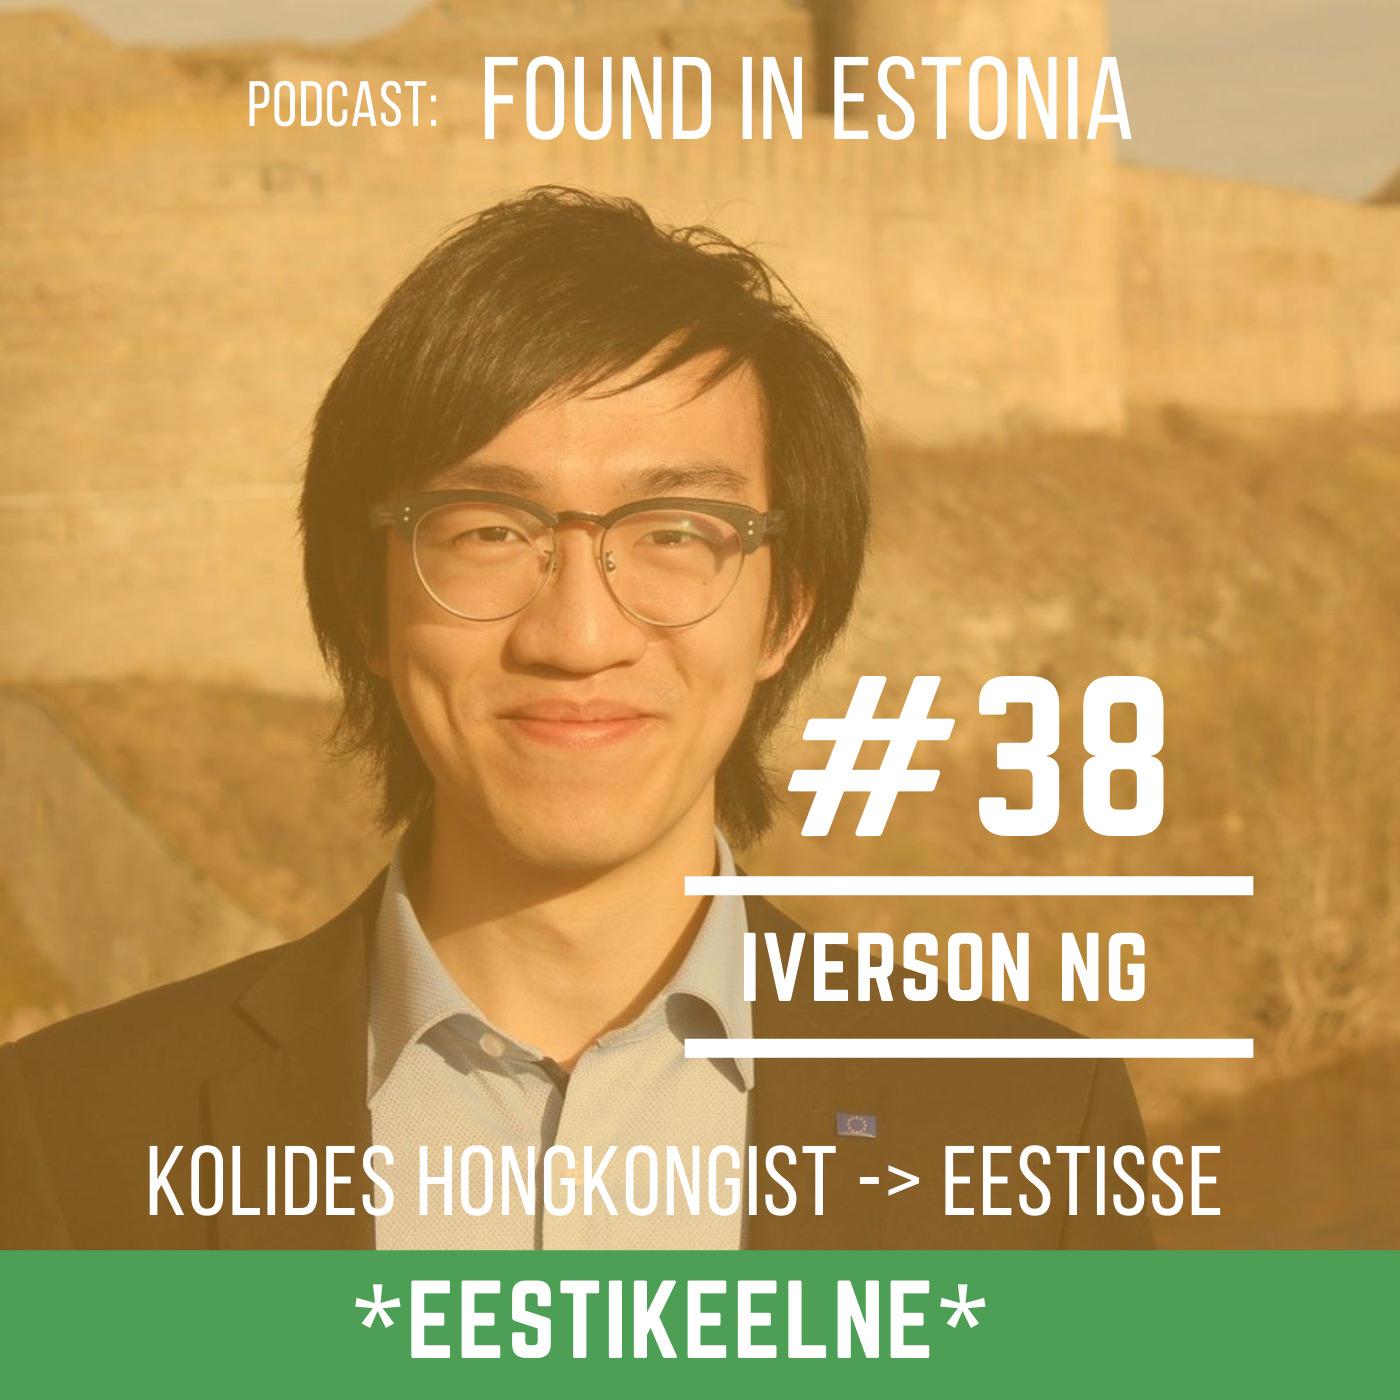 *EST* #38-Iverson Ng - kolides Hongkongist Eestisse